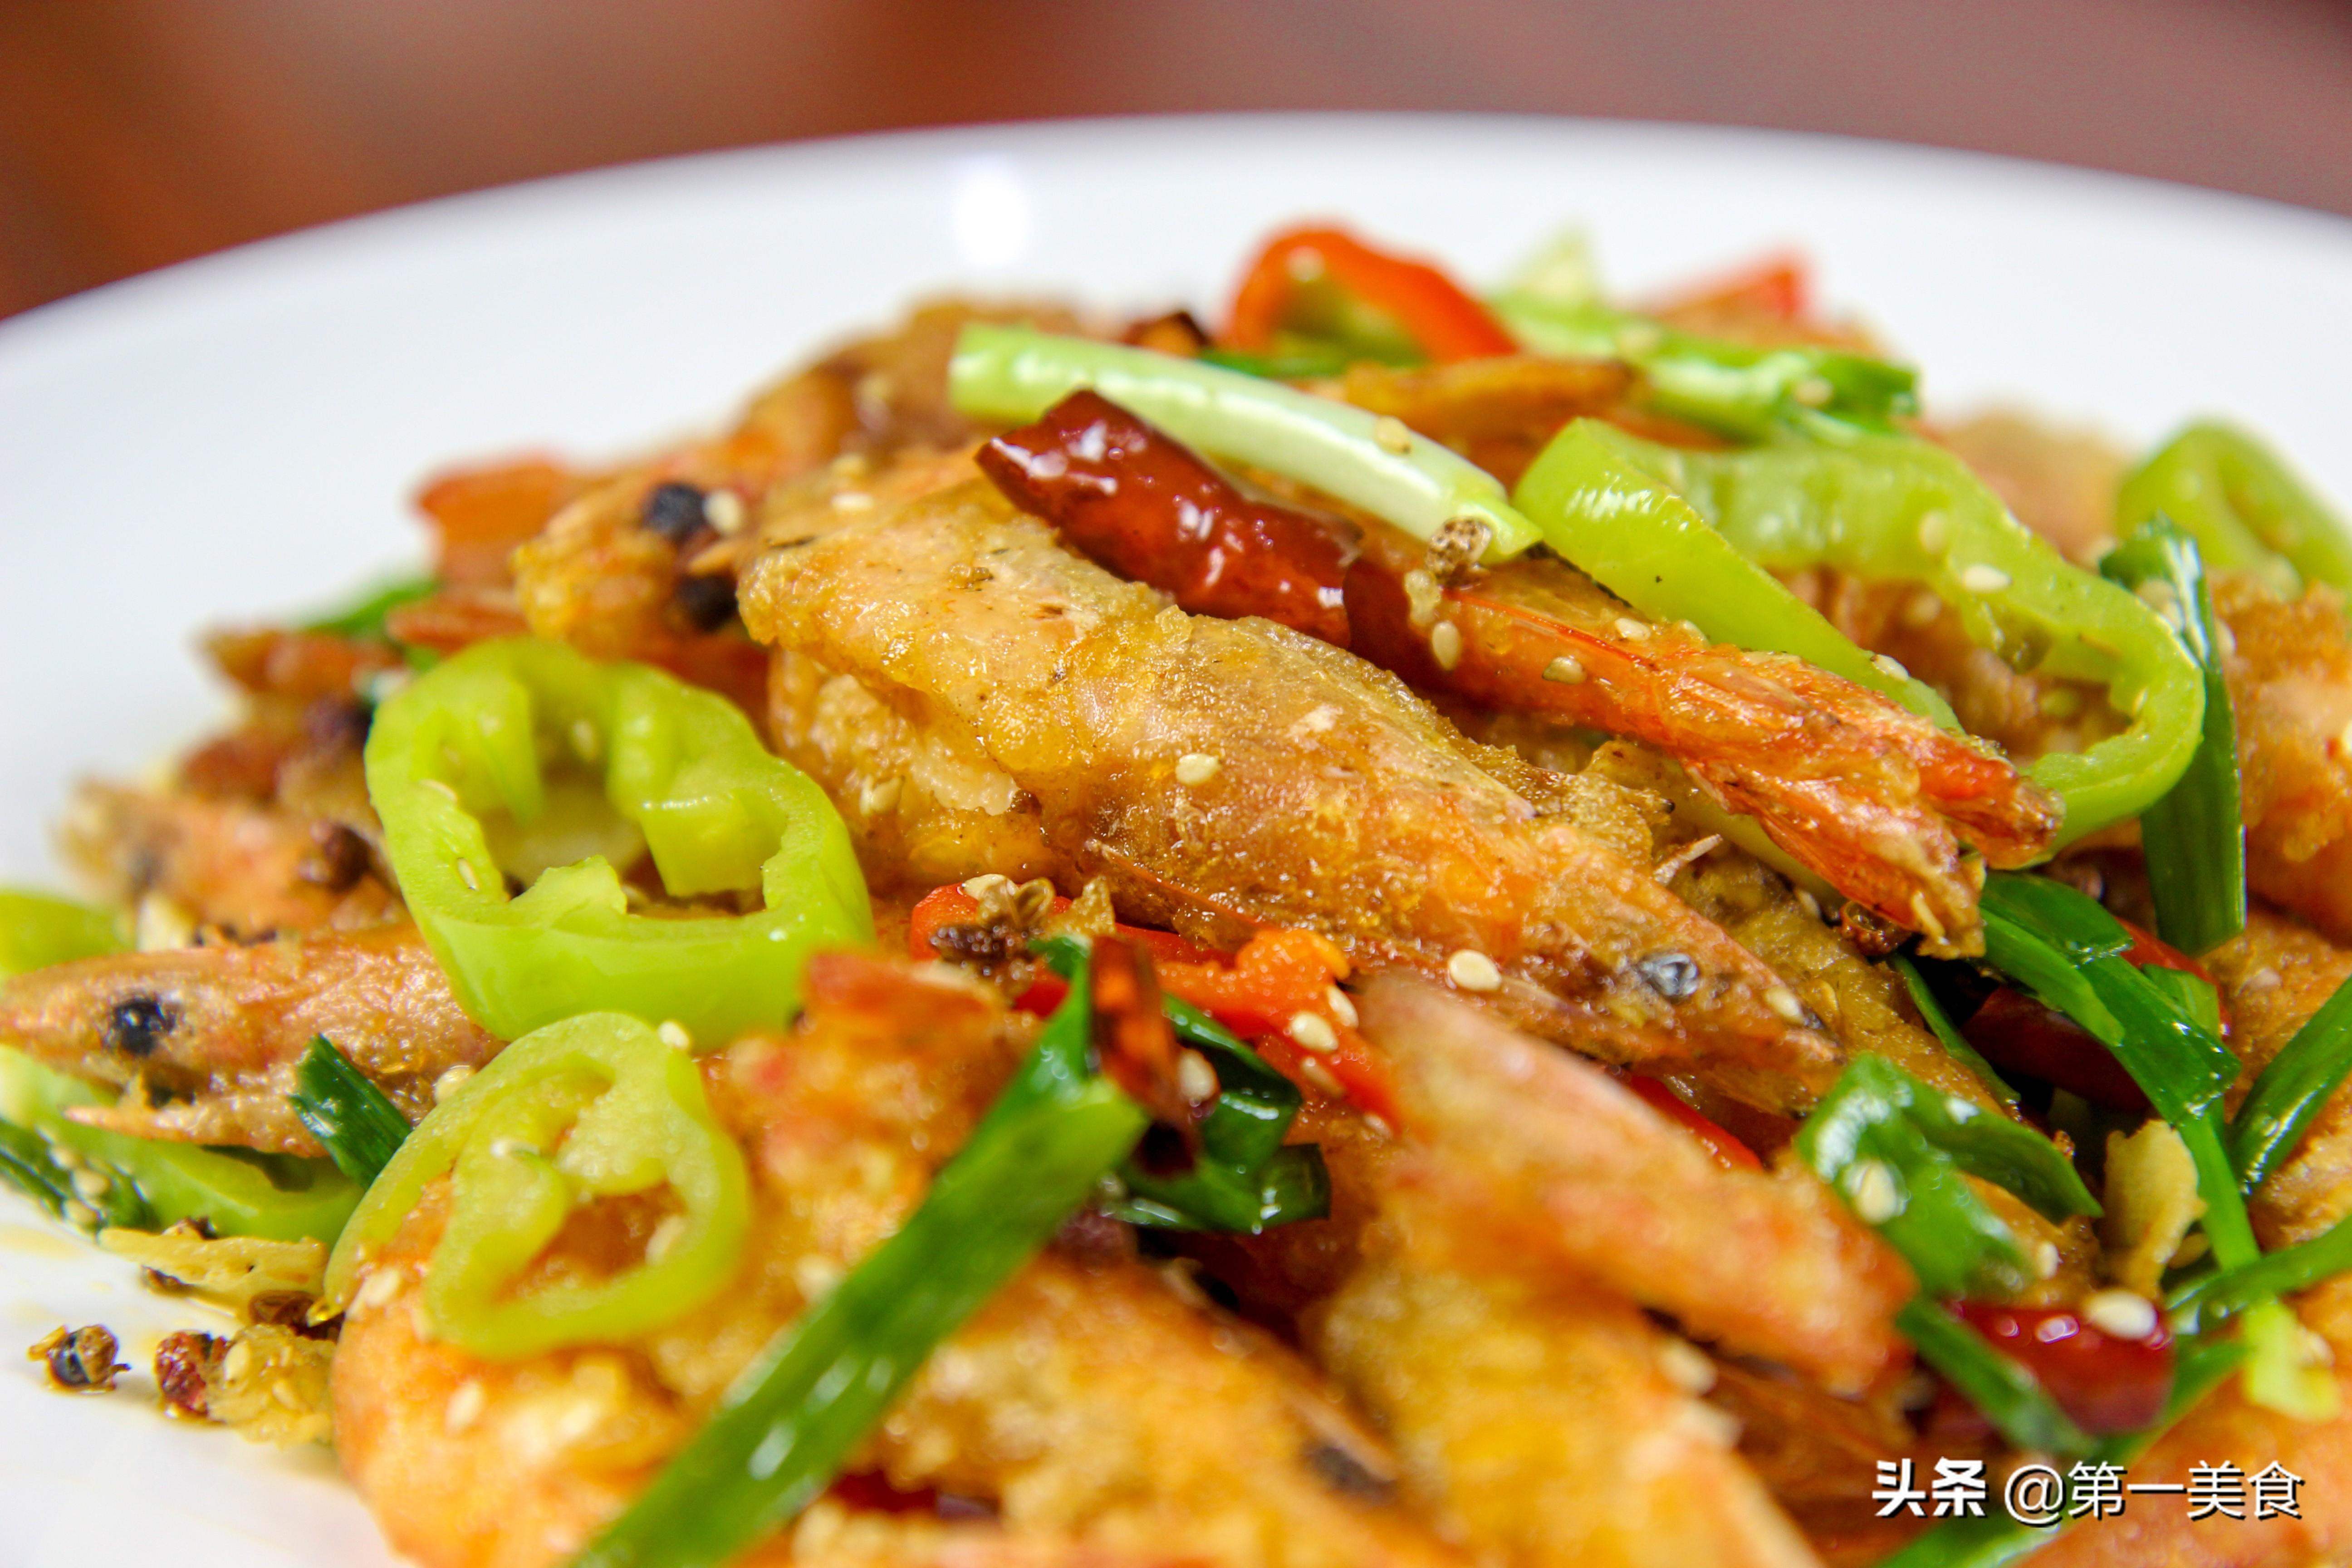 教你香辣虾家常做法,味道麻辣鲜香,步骤详细,超级下饭 美食做法 第1张